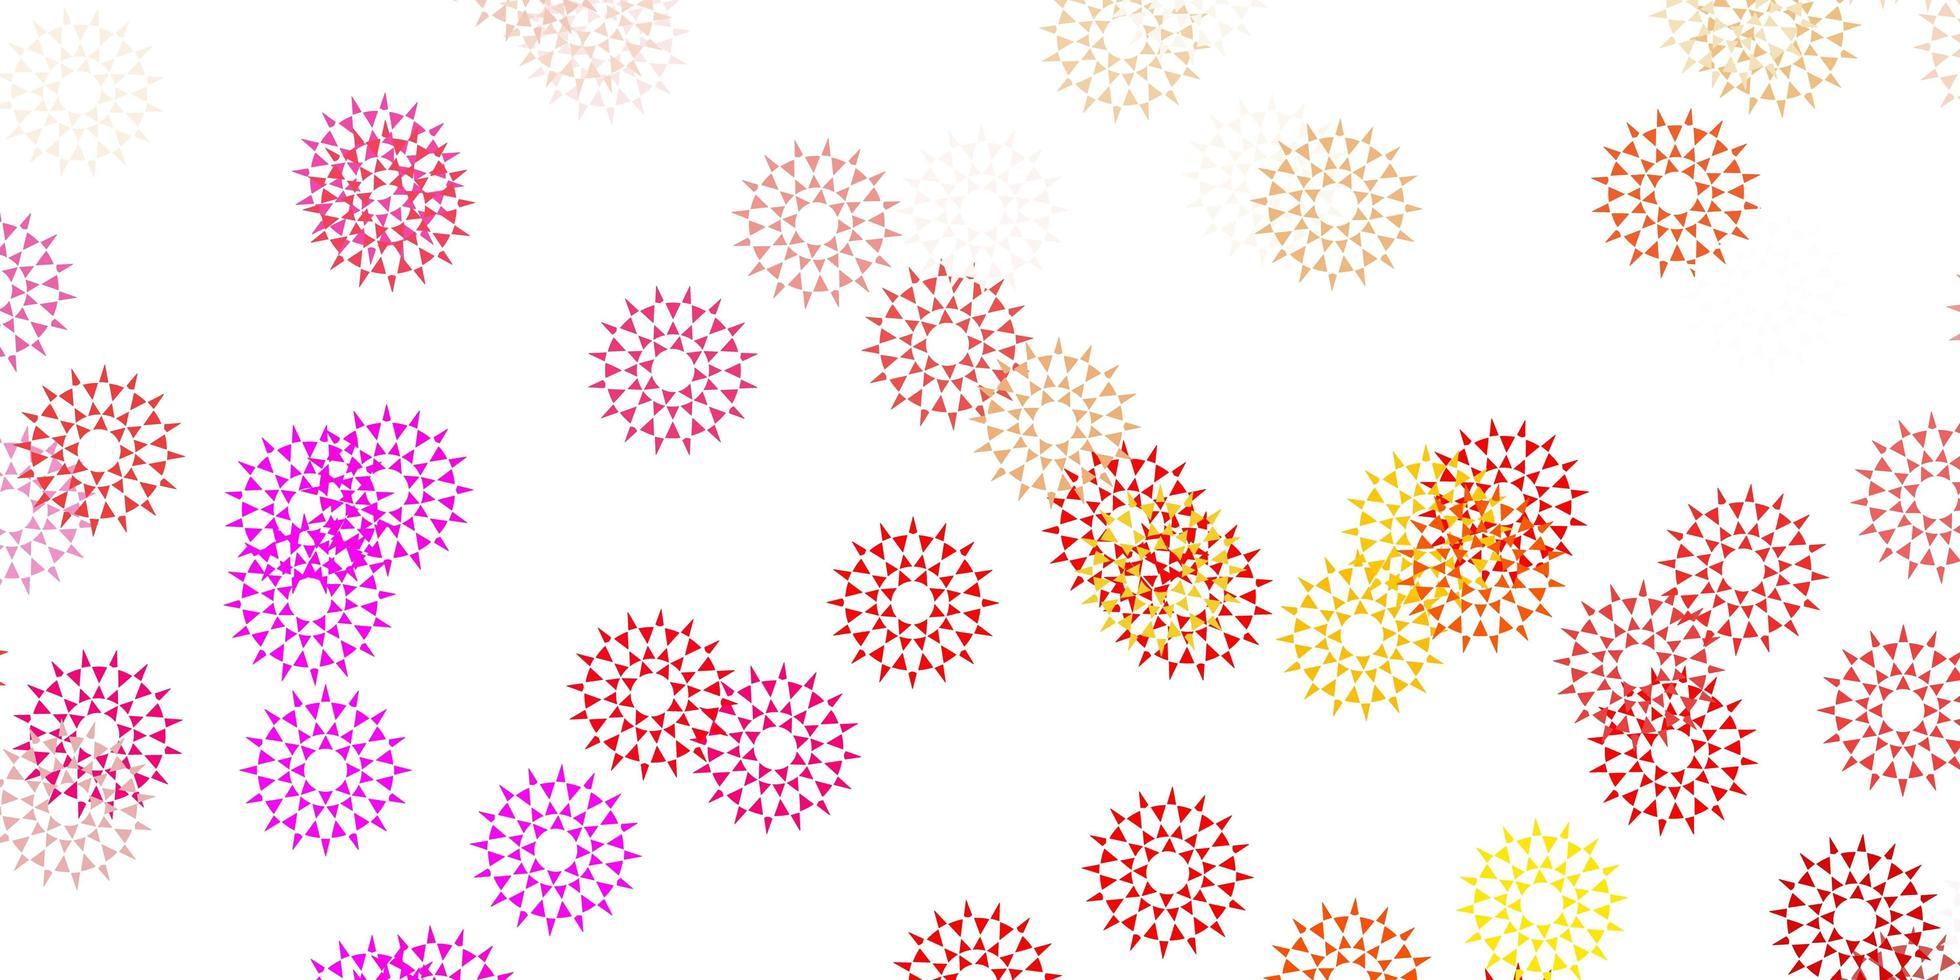 natürliches Layout des hellrosa, gelben Vektors mit Blumen. vektor